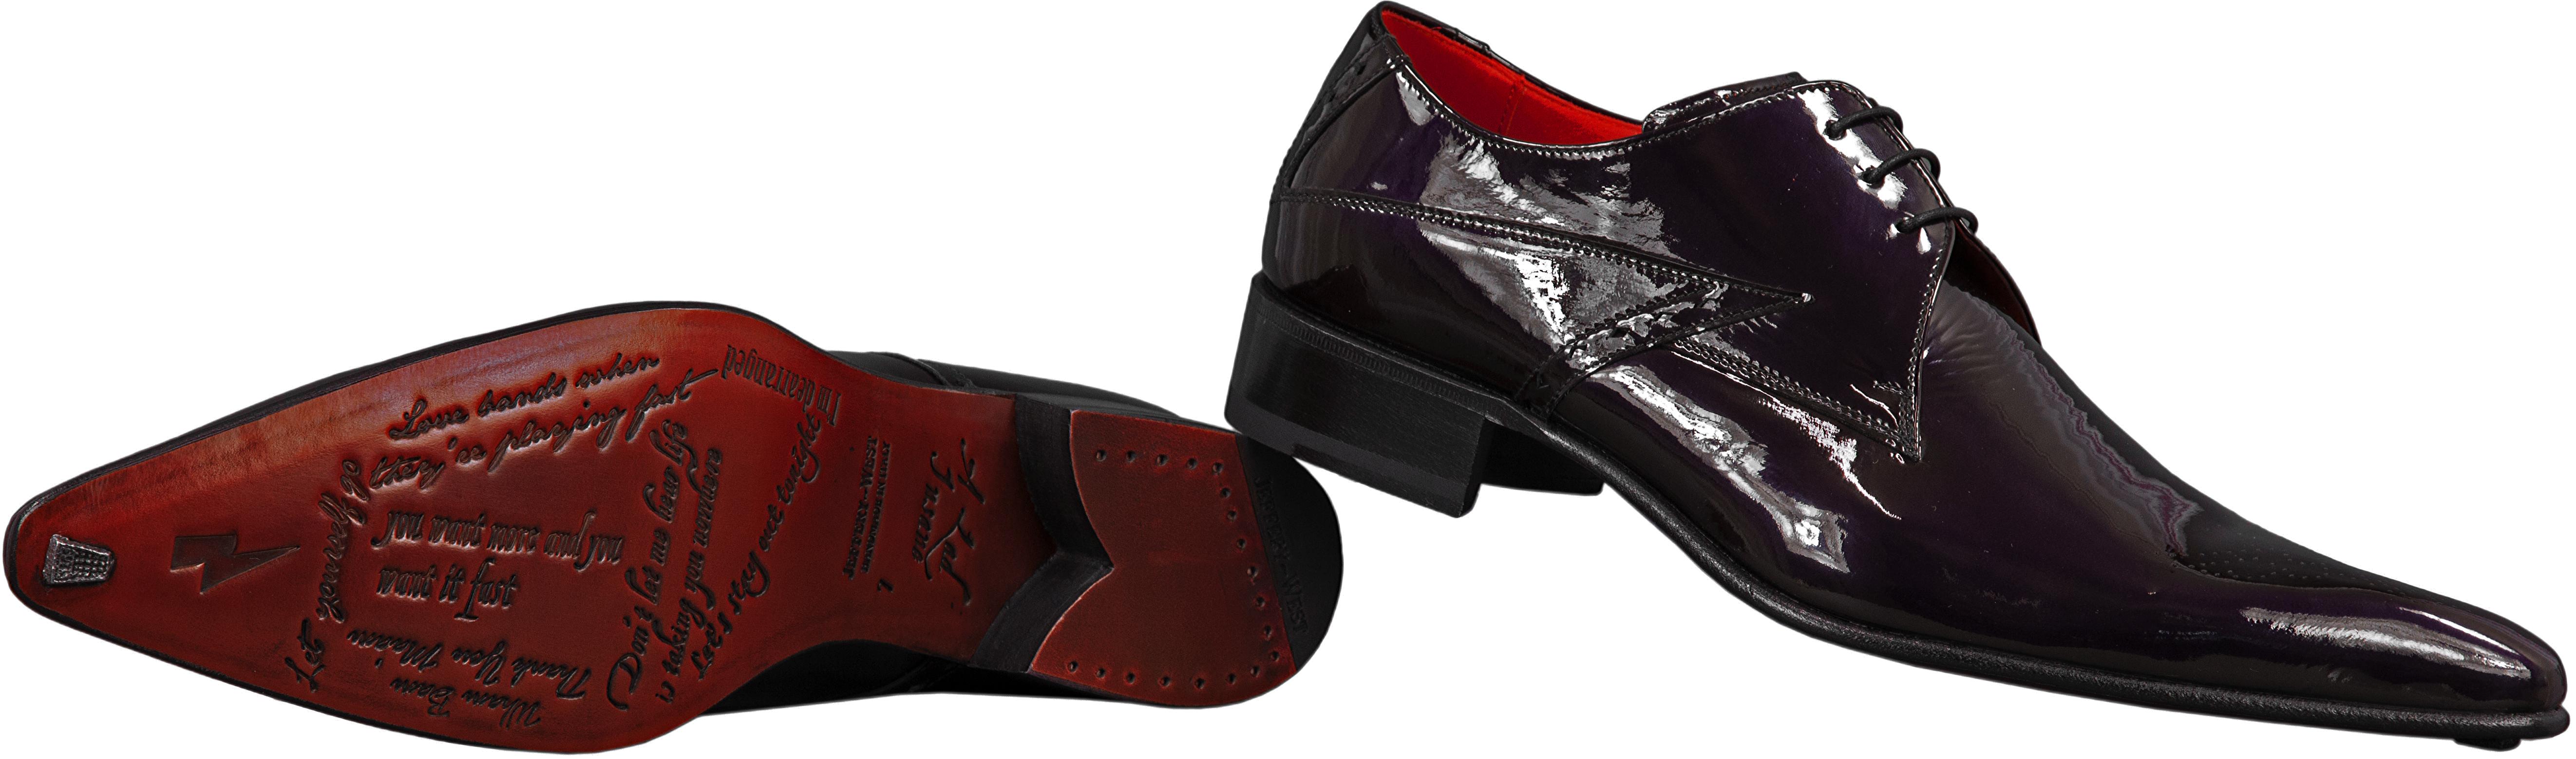 jeffery west shoes jeffery west zepa shoes iride purple | ebay IHADTRZ